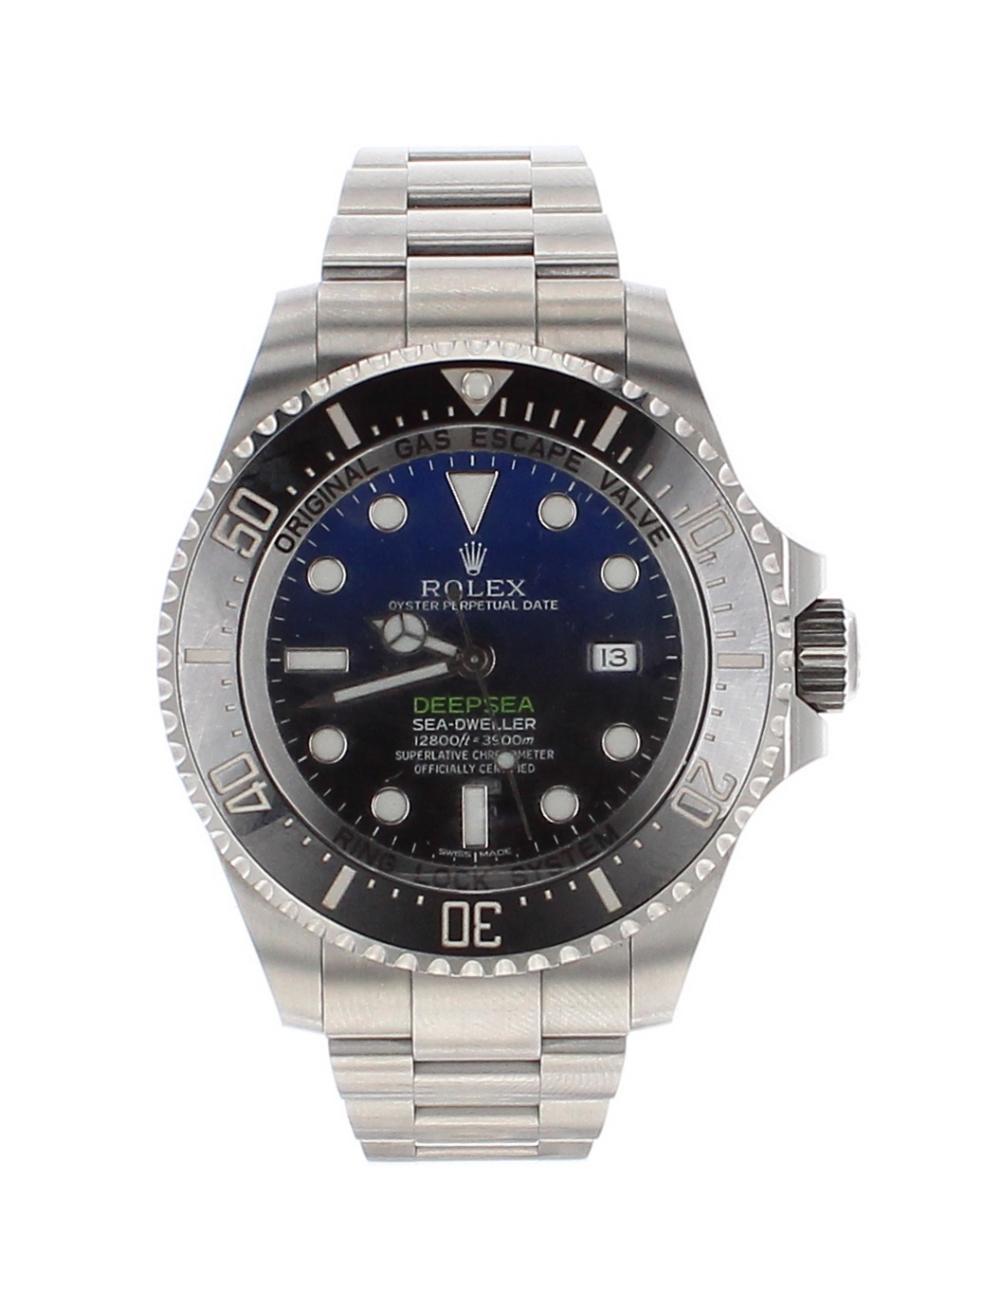 Lot 38 - Rolex Oyster Perpetual Date Deepsea Sea-Dwelller stainless steel gentleman's bracelet watch, ref.